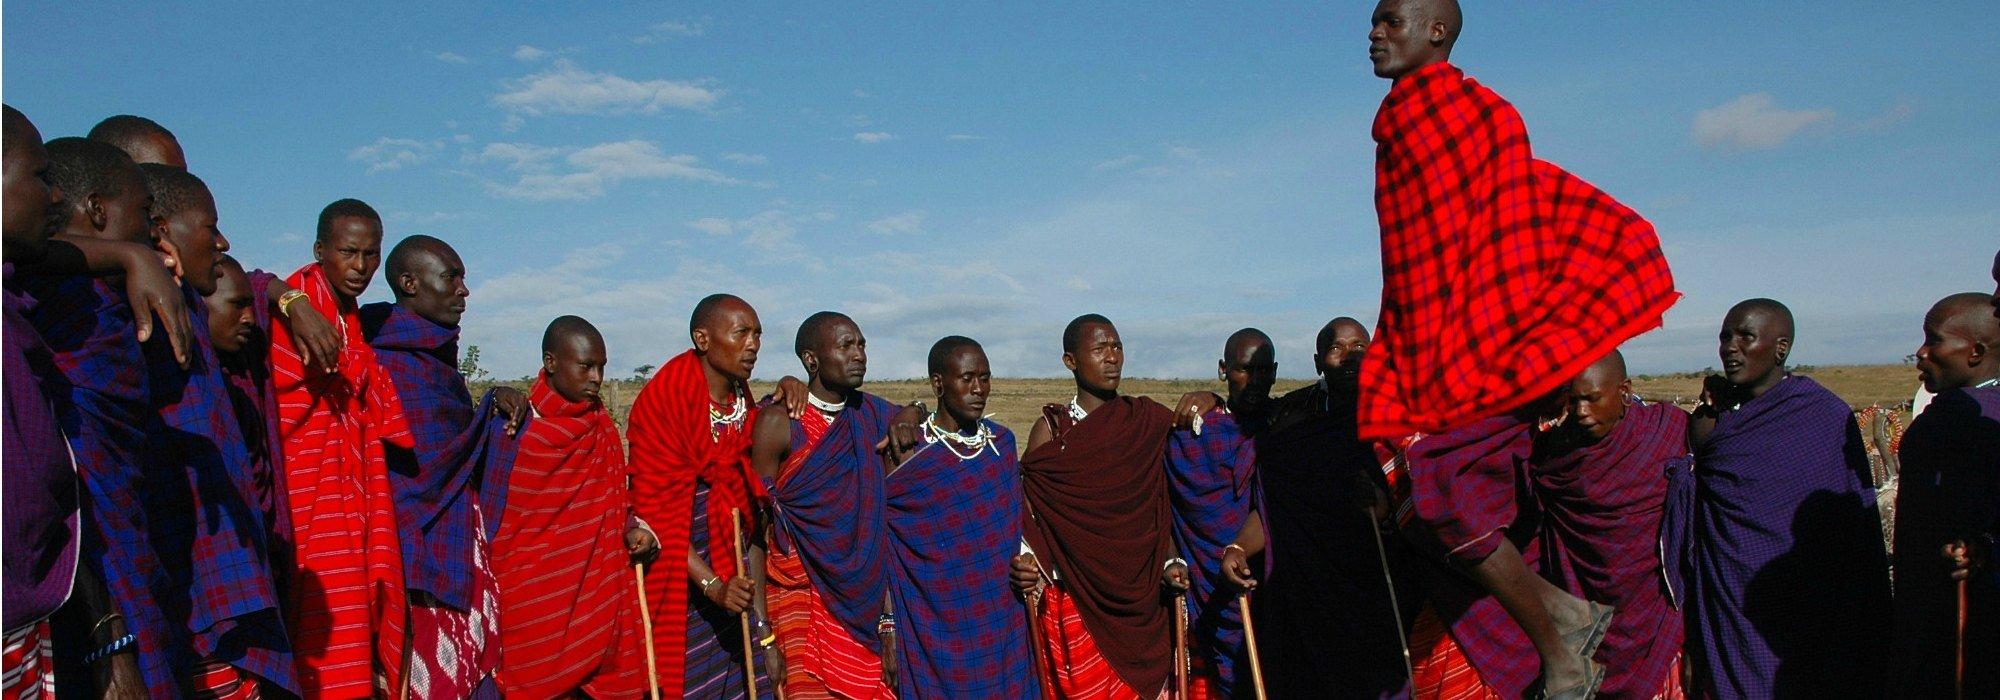 Maasai Dancers, Kenya